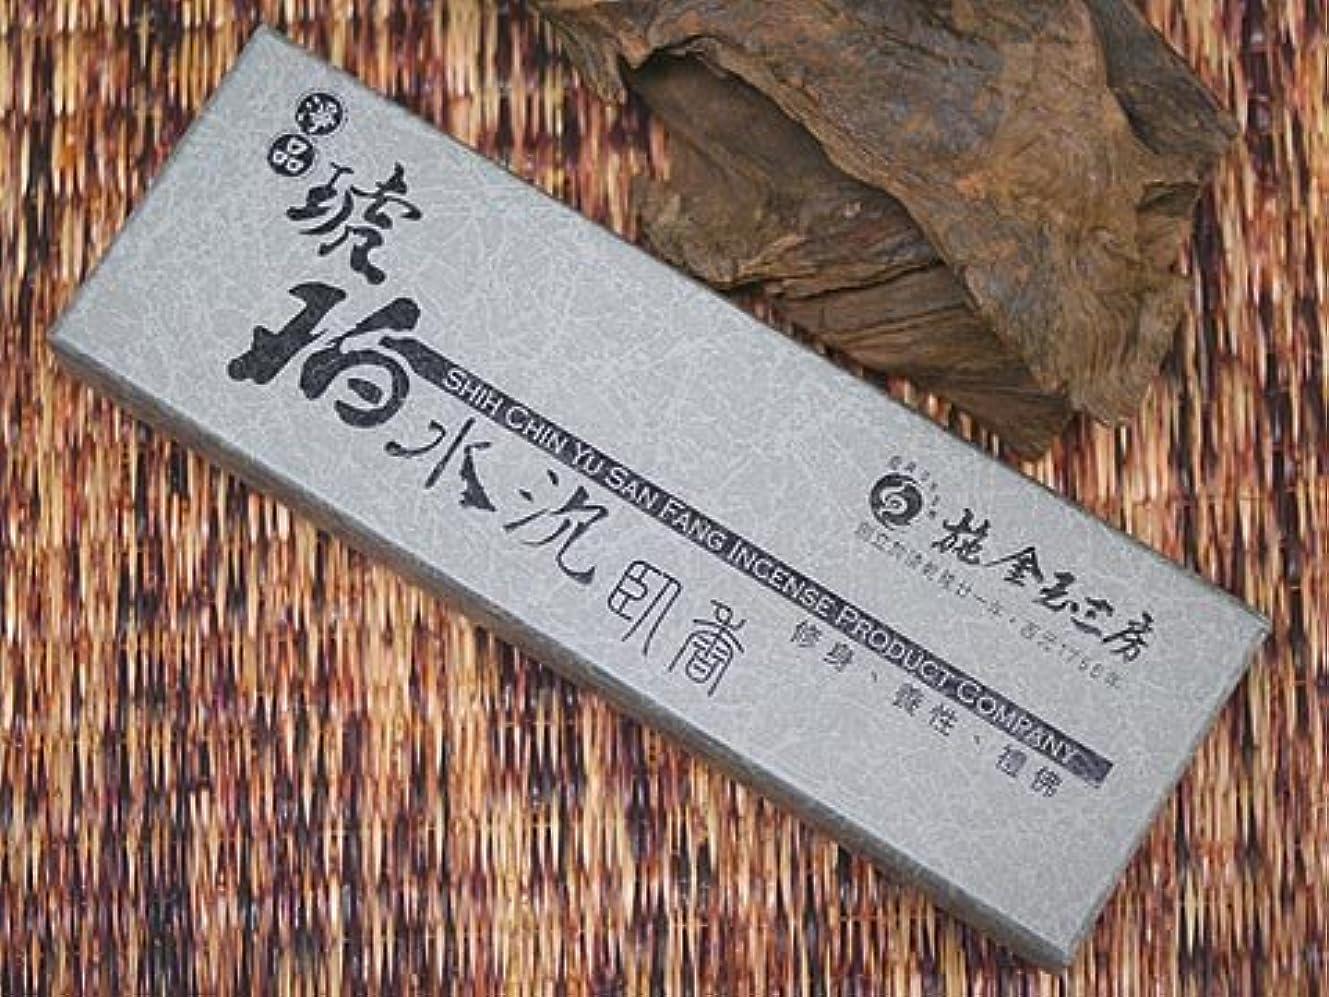 永久子供時代アリーナ施金玉三房 創業1756年台湾鹿港のお香店「施金玉三房」のお香 琥珀水沈香 大容量約320本入りおタイプ